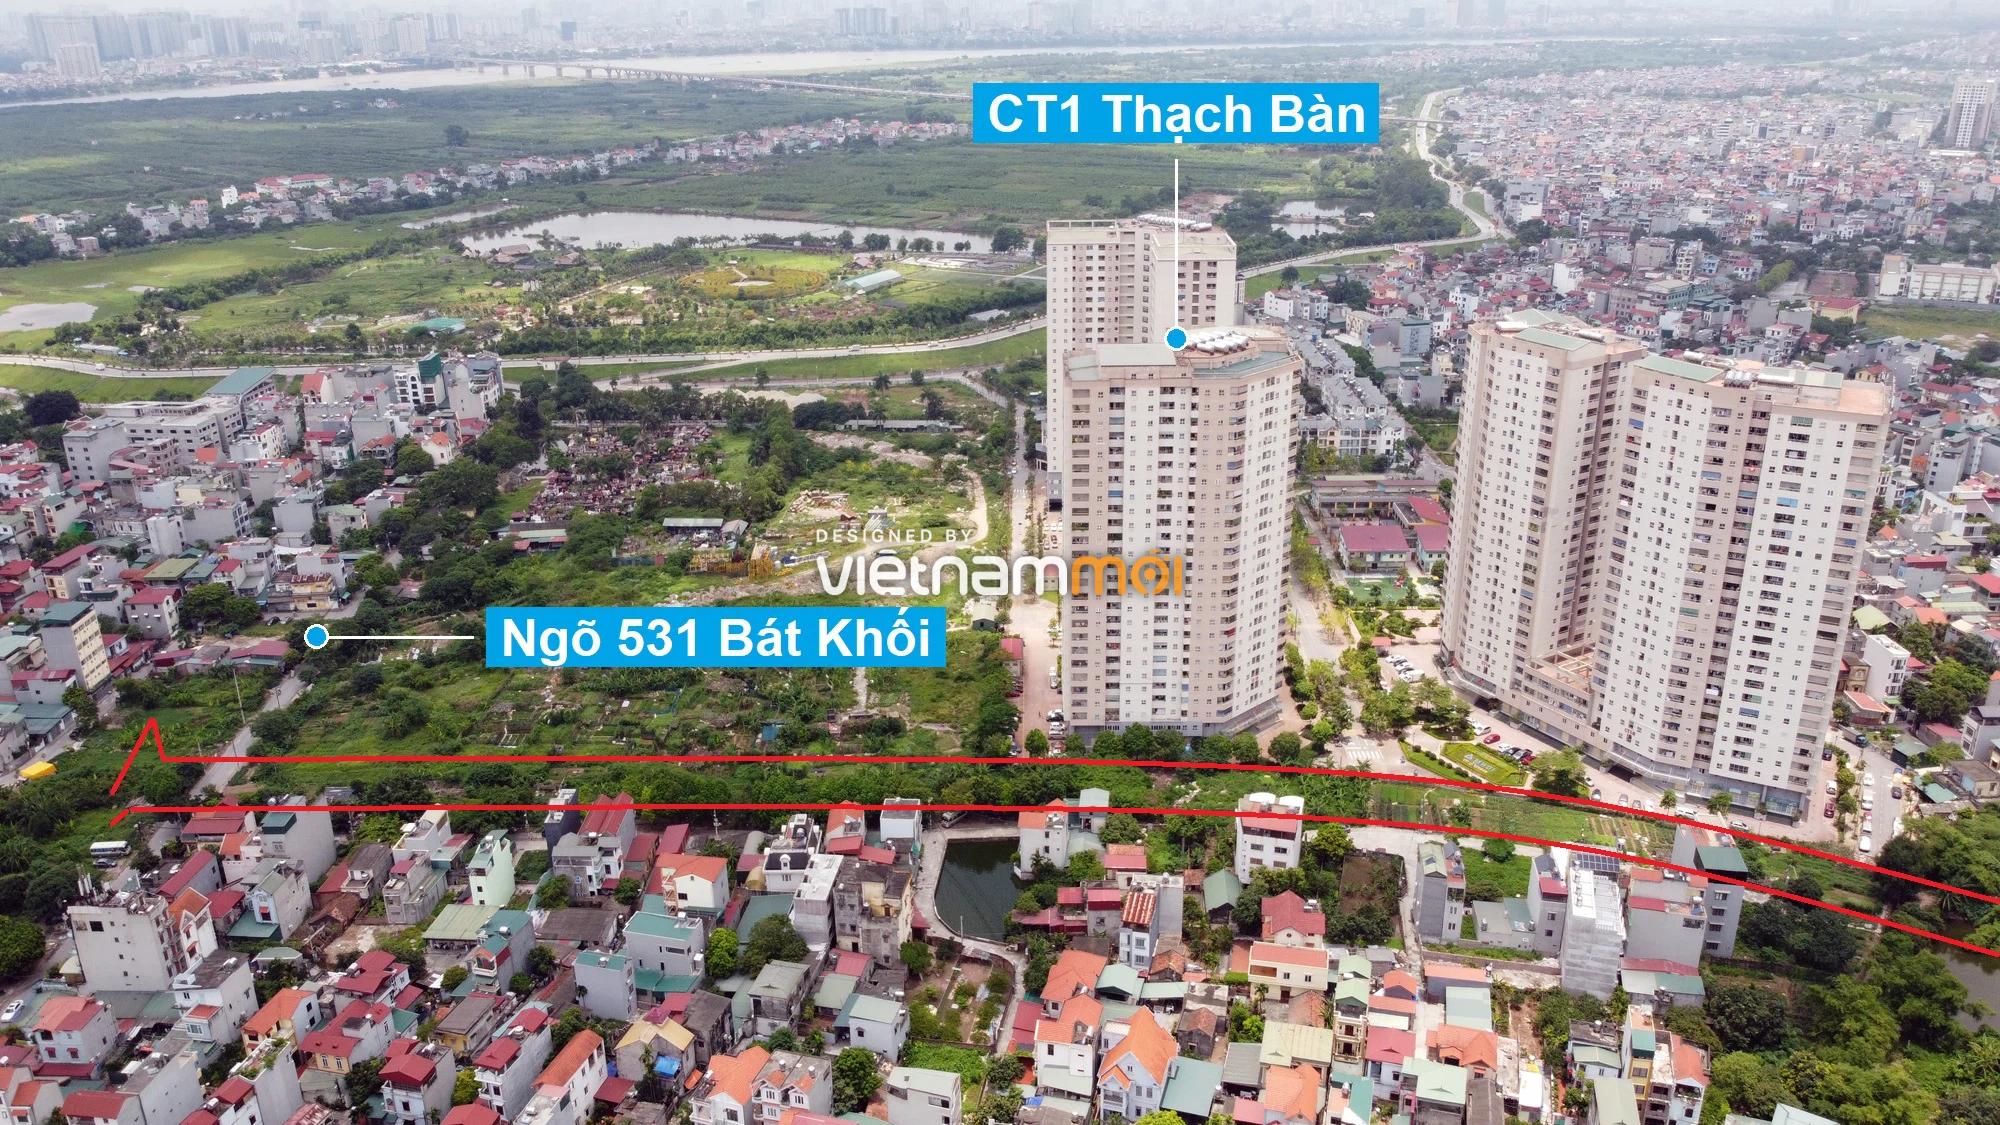 Những khu đất sắp thu hồi để mở đường ở phường Thạch Bàn, Long Biên, Hà Nội (phần 7) - Ảnh 4.